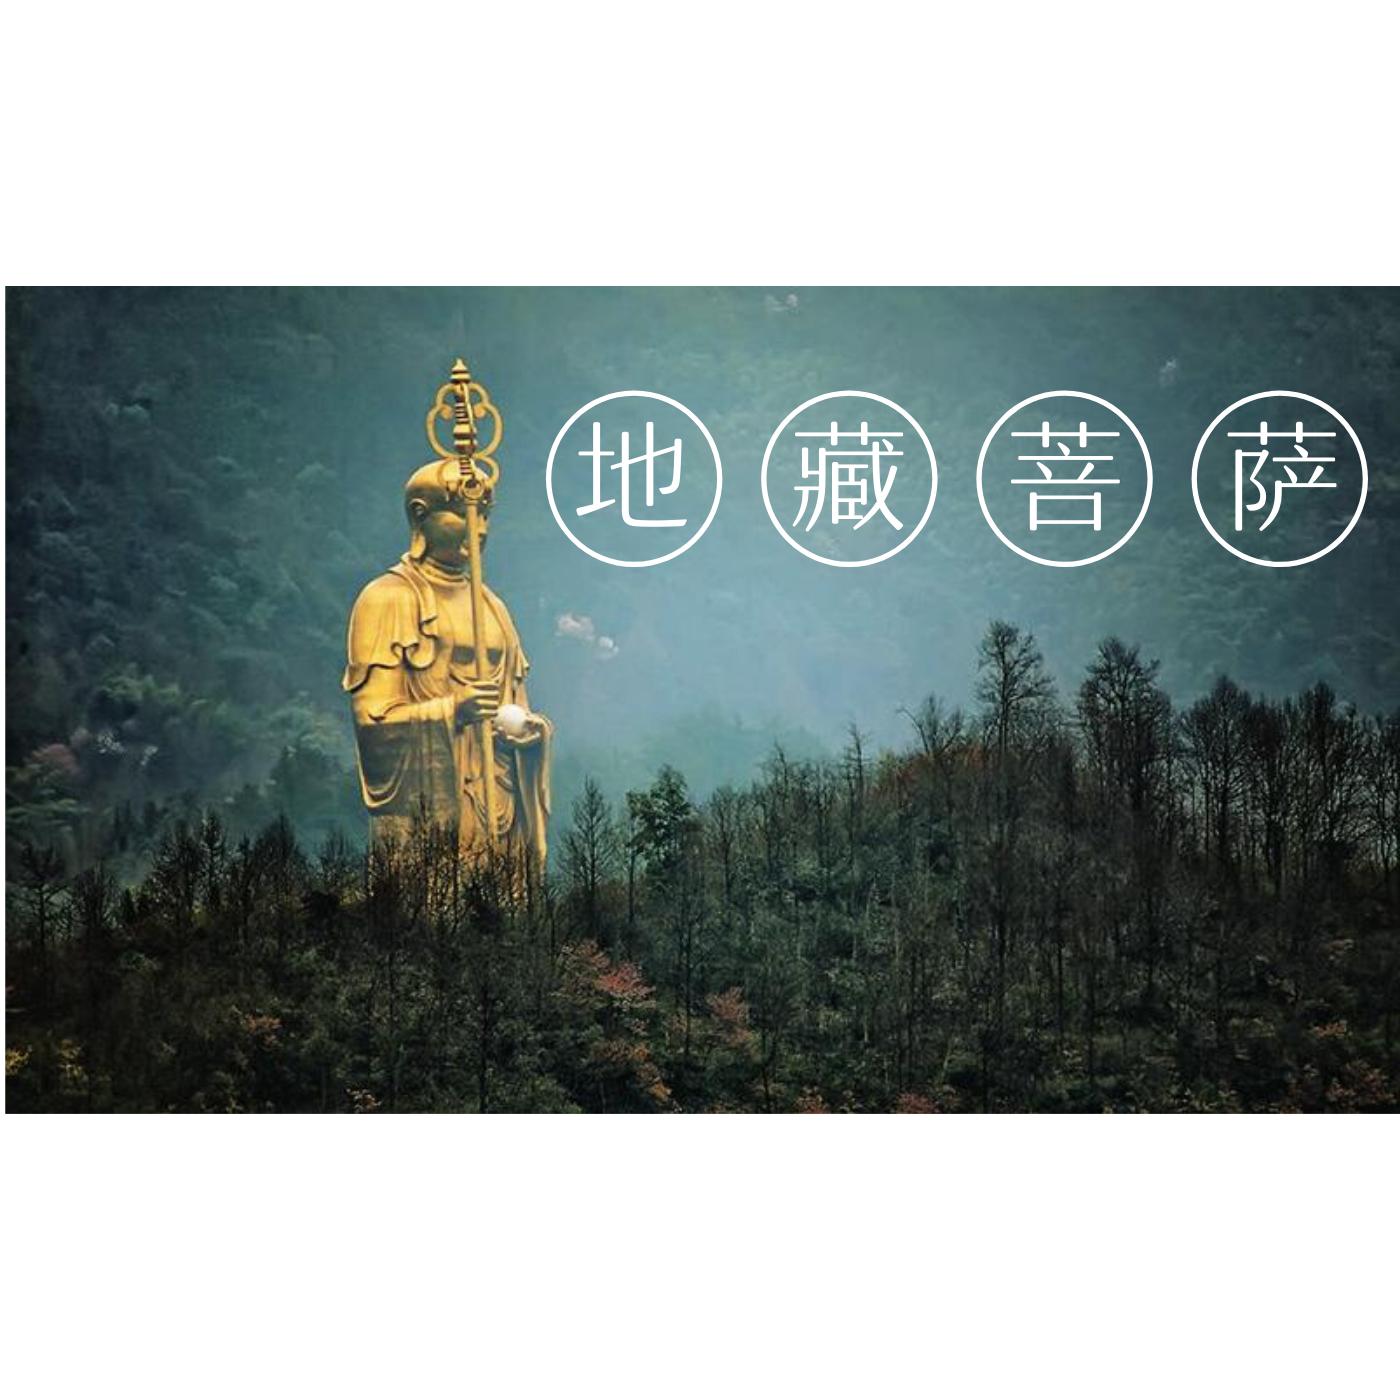 地藏王菩萨圣号--善知识版